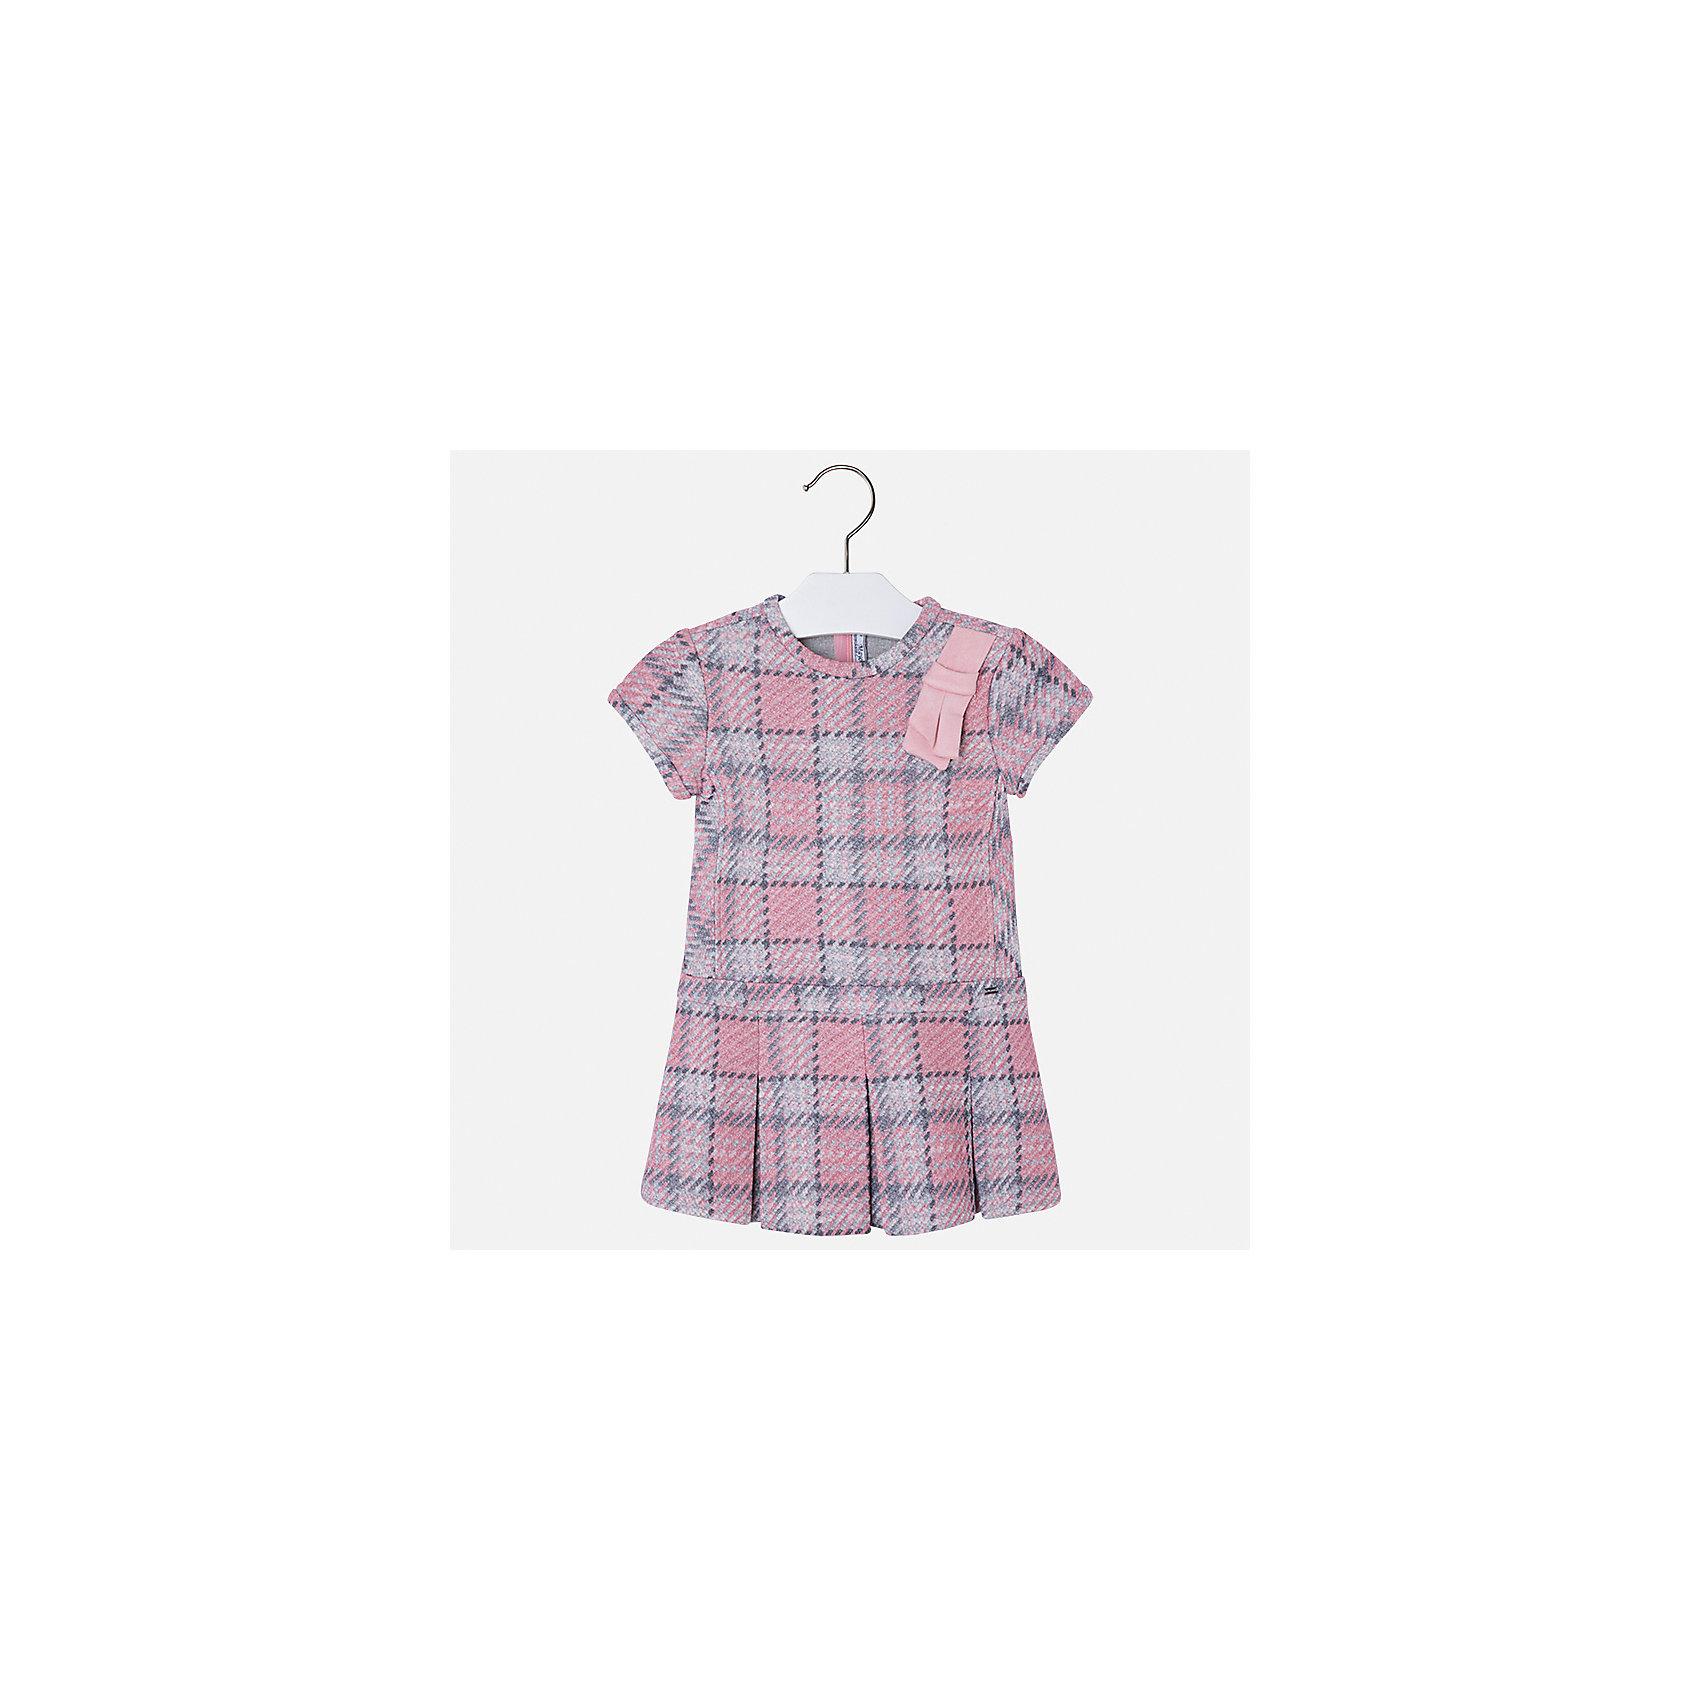 Платье Mayoral для девочкиОсенне-зимние платья и сарафаны<br>Характеристики товара:<br><br>• цвет: розовый<br>• состав ткани: 85% хлопок, 15% полиэстер<br>• сезон: круглый год<br>• короткие рукава<br>• застежка: молния<br>• страна бренда: Испания<br>• страна изготовитель: Индия<br><br><br>Качественная детская одежда от Mayoral поможет детям выглядеть красиво. Это платье для девочки из комбинированного материала отличается модным силуэтом с высокой талией. Детское платье от бренда Майорал поможет девочке выглядеть женственно и стильно. <br><br>Детская одежда от испанской компании Mayoral отличаются оригинальным и всегда стильным дизайном. Качество продукции неизменно очень высокое.<br><br>Платье для девочки Mayoral (Майорал) можно купить в нашем интернет-магазине.<br><br>Ширина мм: 236<br>Глубина мм: 16<br>Высота мм: 184<br>Вес г: 177<br>Цвет: розовый<br>Возраст от месяцев: 96<br>Возраст до месяцев: 108<br>Пол: Женский<br>Возраст: Детский<br>Размер: 134,92,98,104,110,116,122,128<br>SKU: 6923401